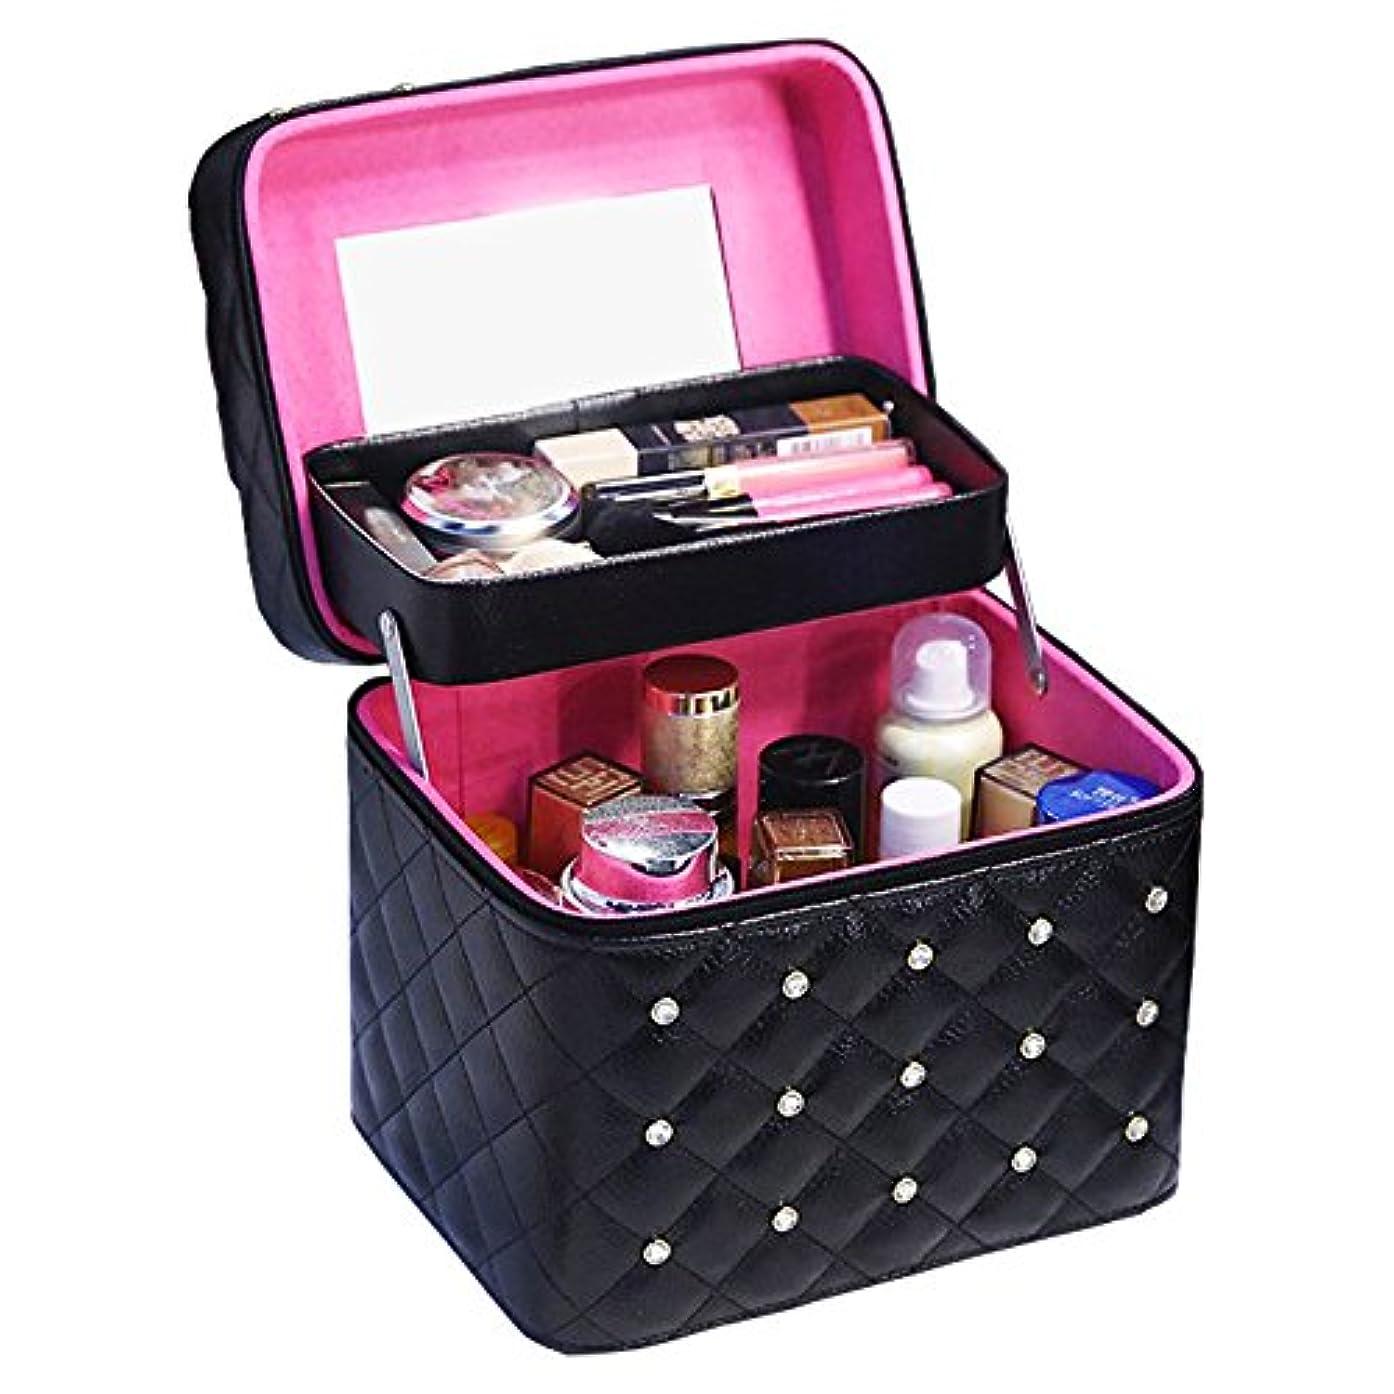 具体的に詩付添人Twinkle goods (ツインクルグッズ) メイクボックス コスメボックス 化粧品 収納 PUレザー お洒落なデザイン メイク道具をすっきり収納 携帯にも 2段タイプ